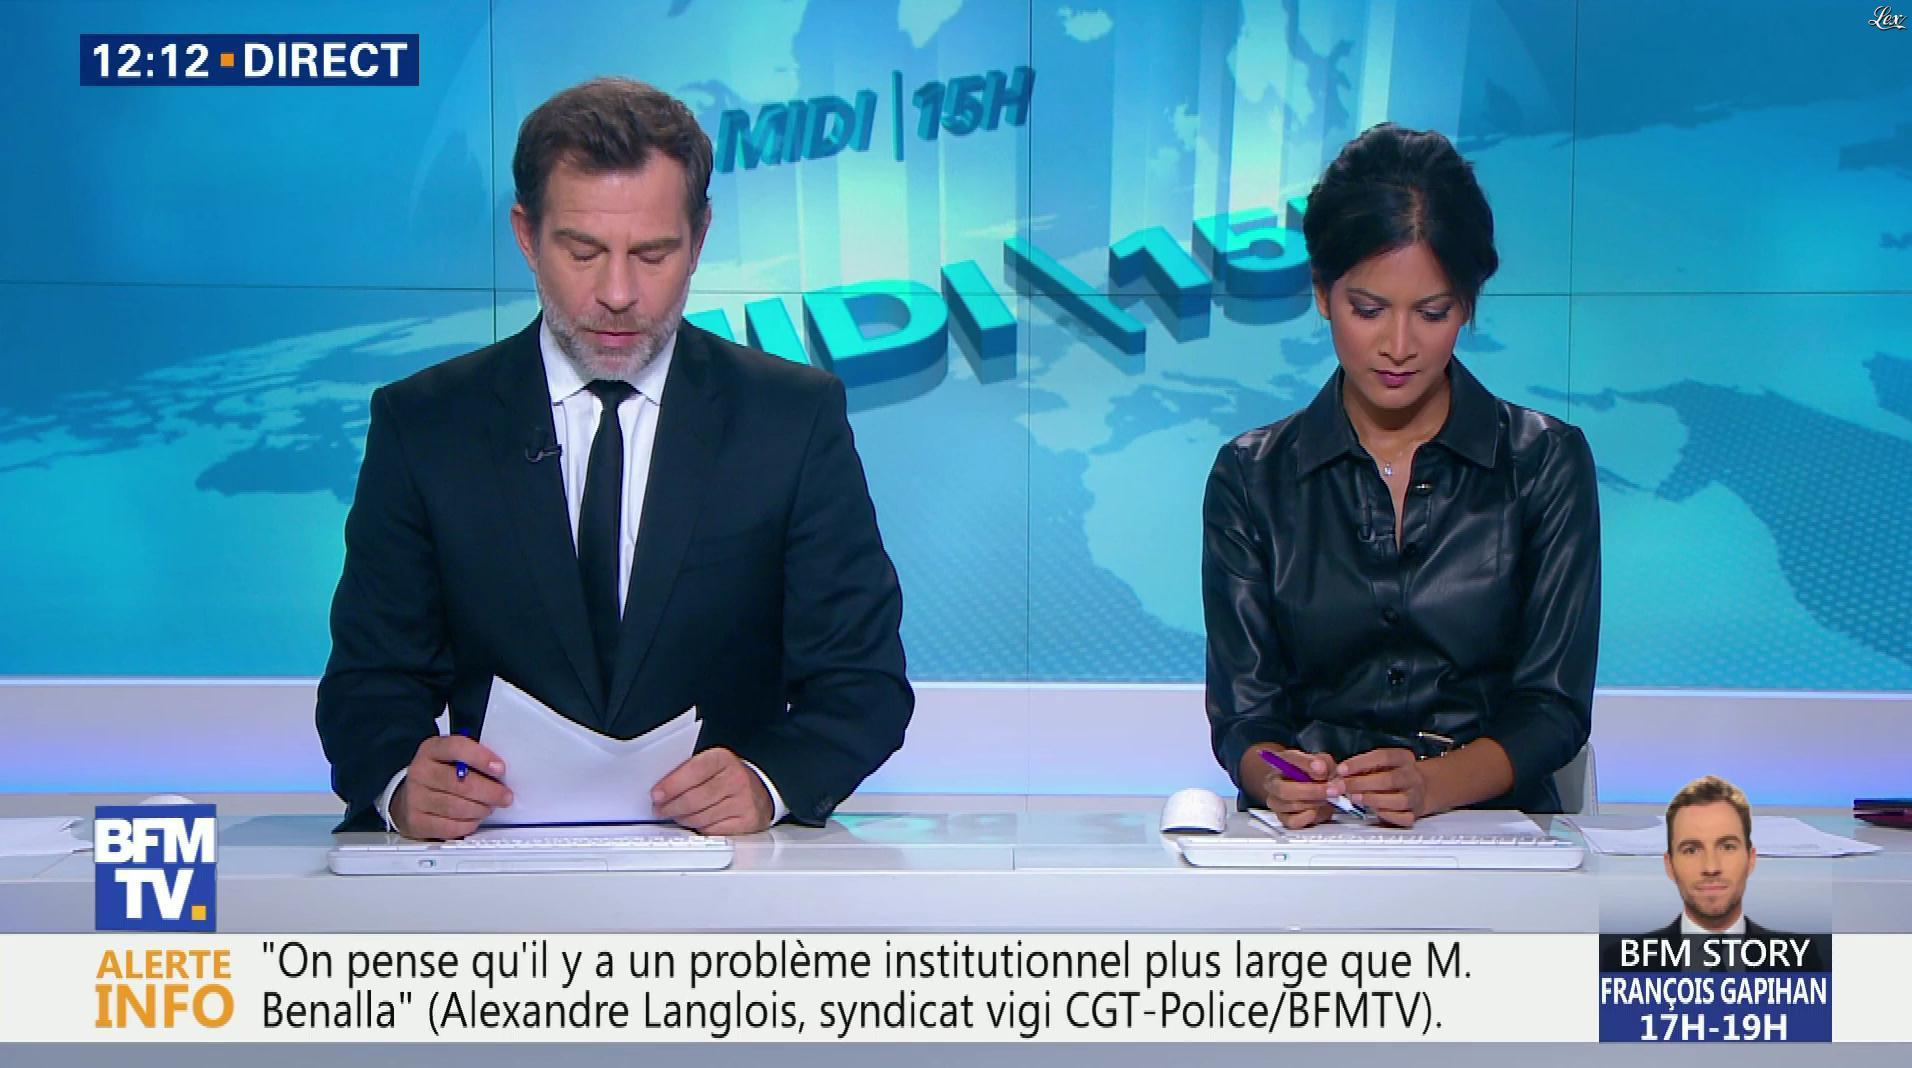 Aurélie Casse dans le Midi-15h. Diffusé à la télévision le 05/10/18.